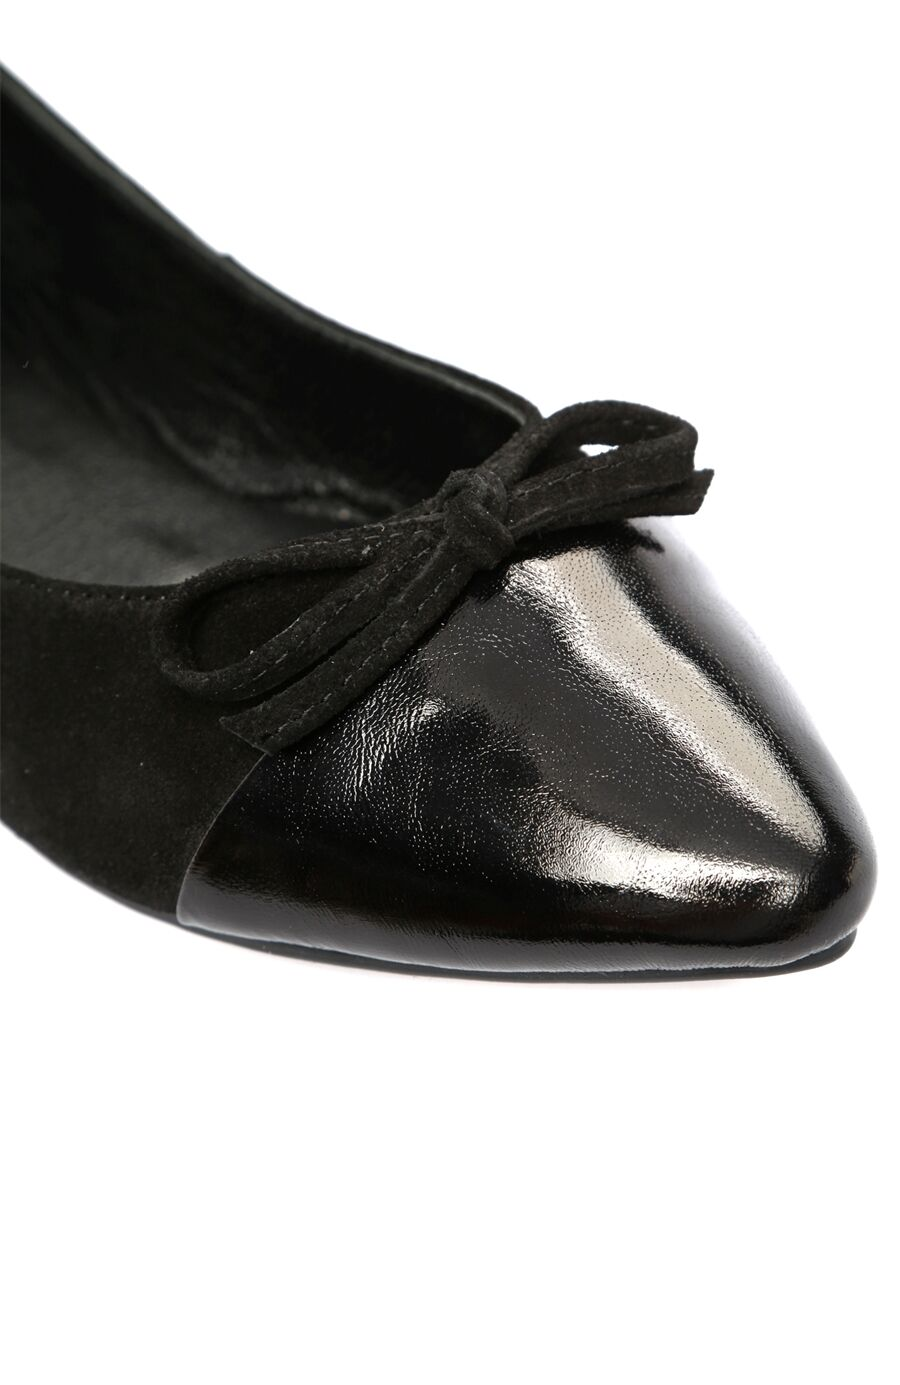 Siyah Süet Kadın Babet